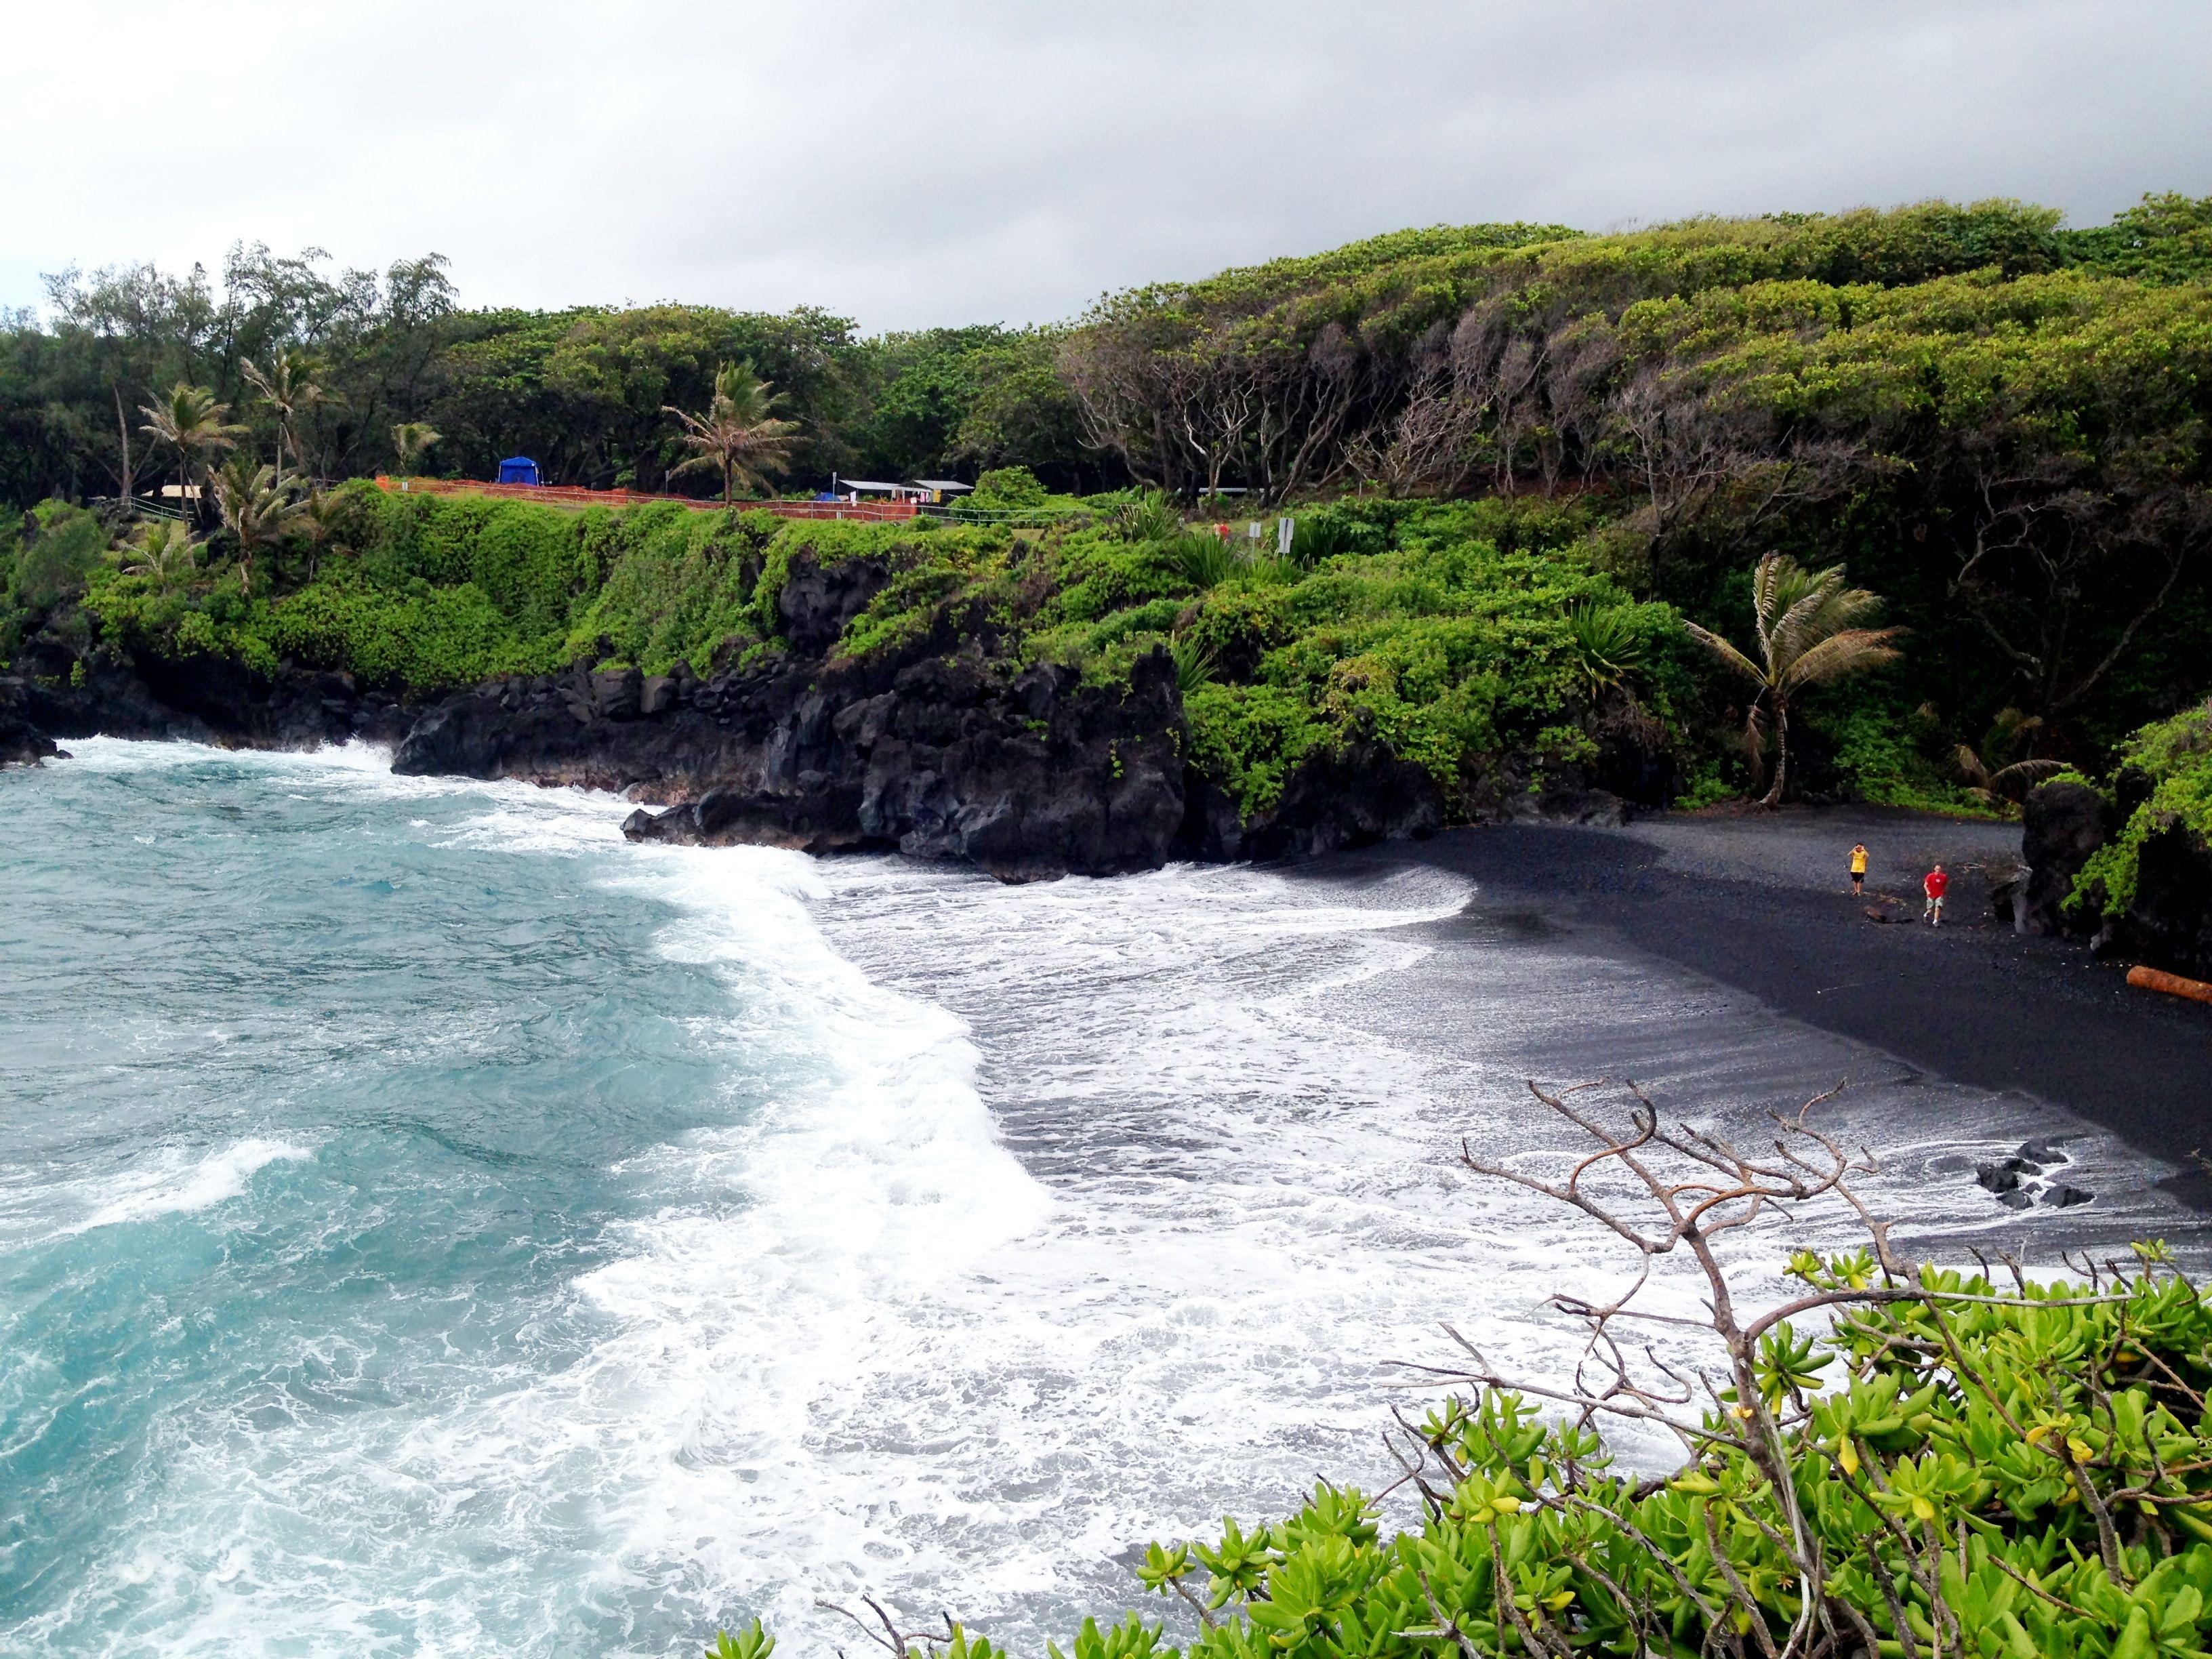 Black Sand Beach Maui,Hawaii (Road to Hana)